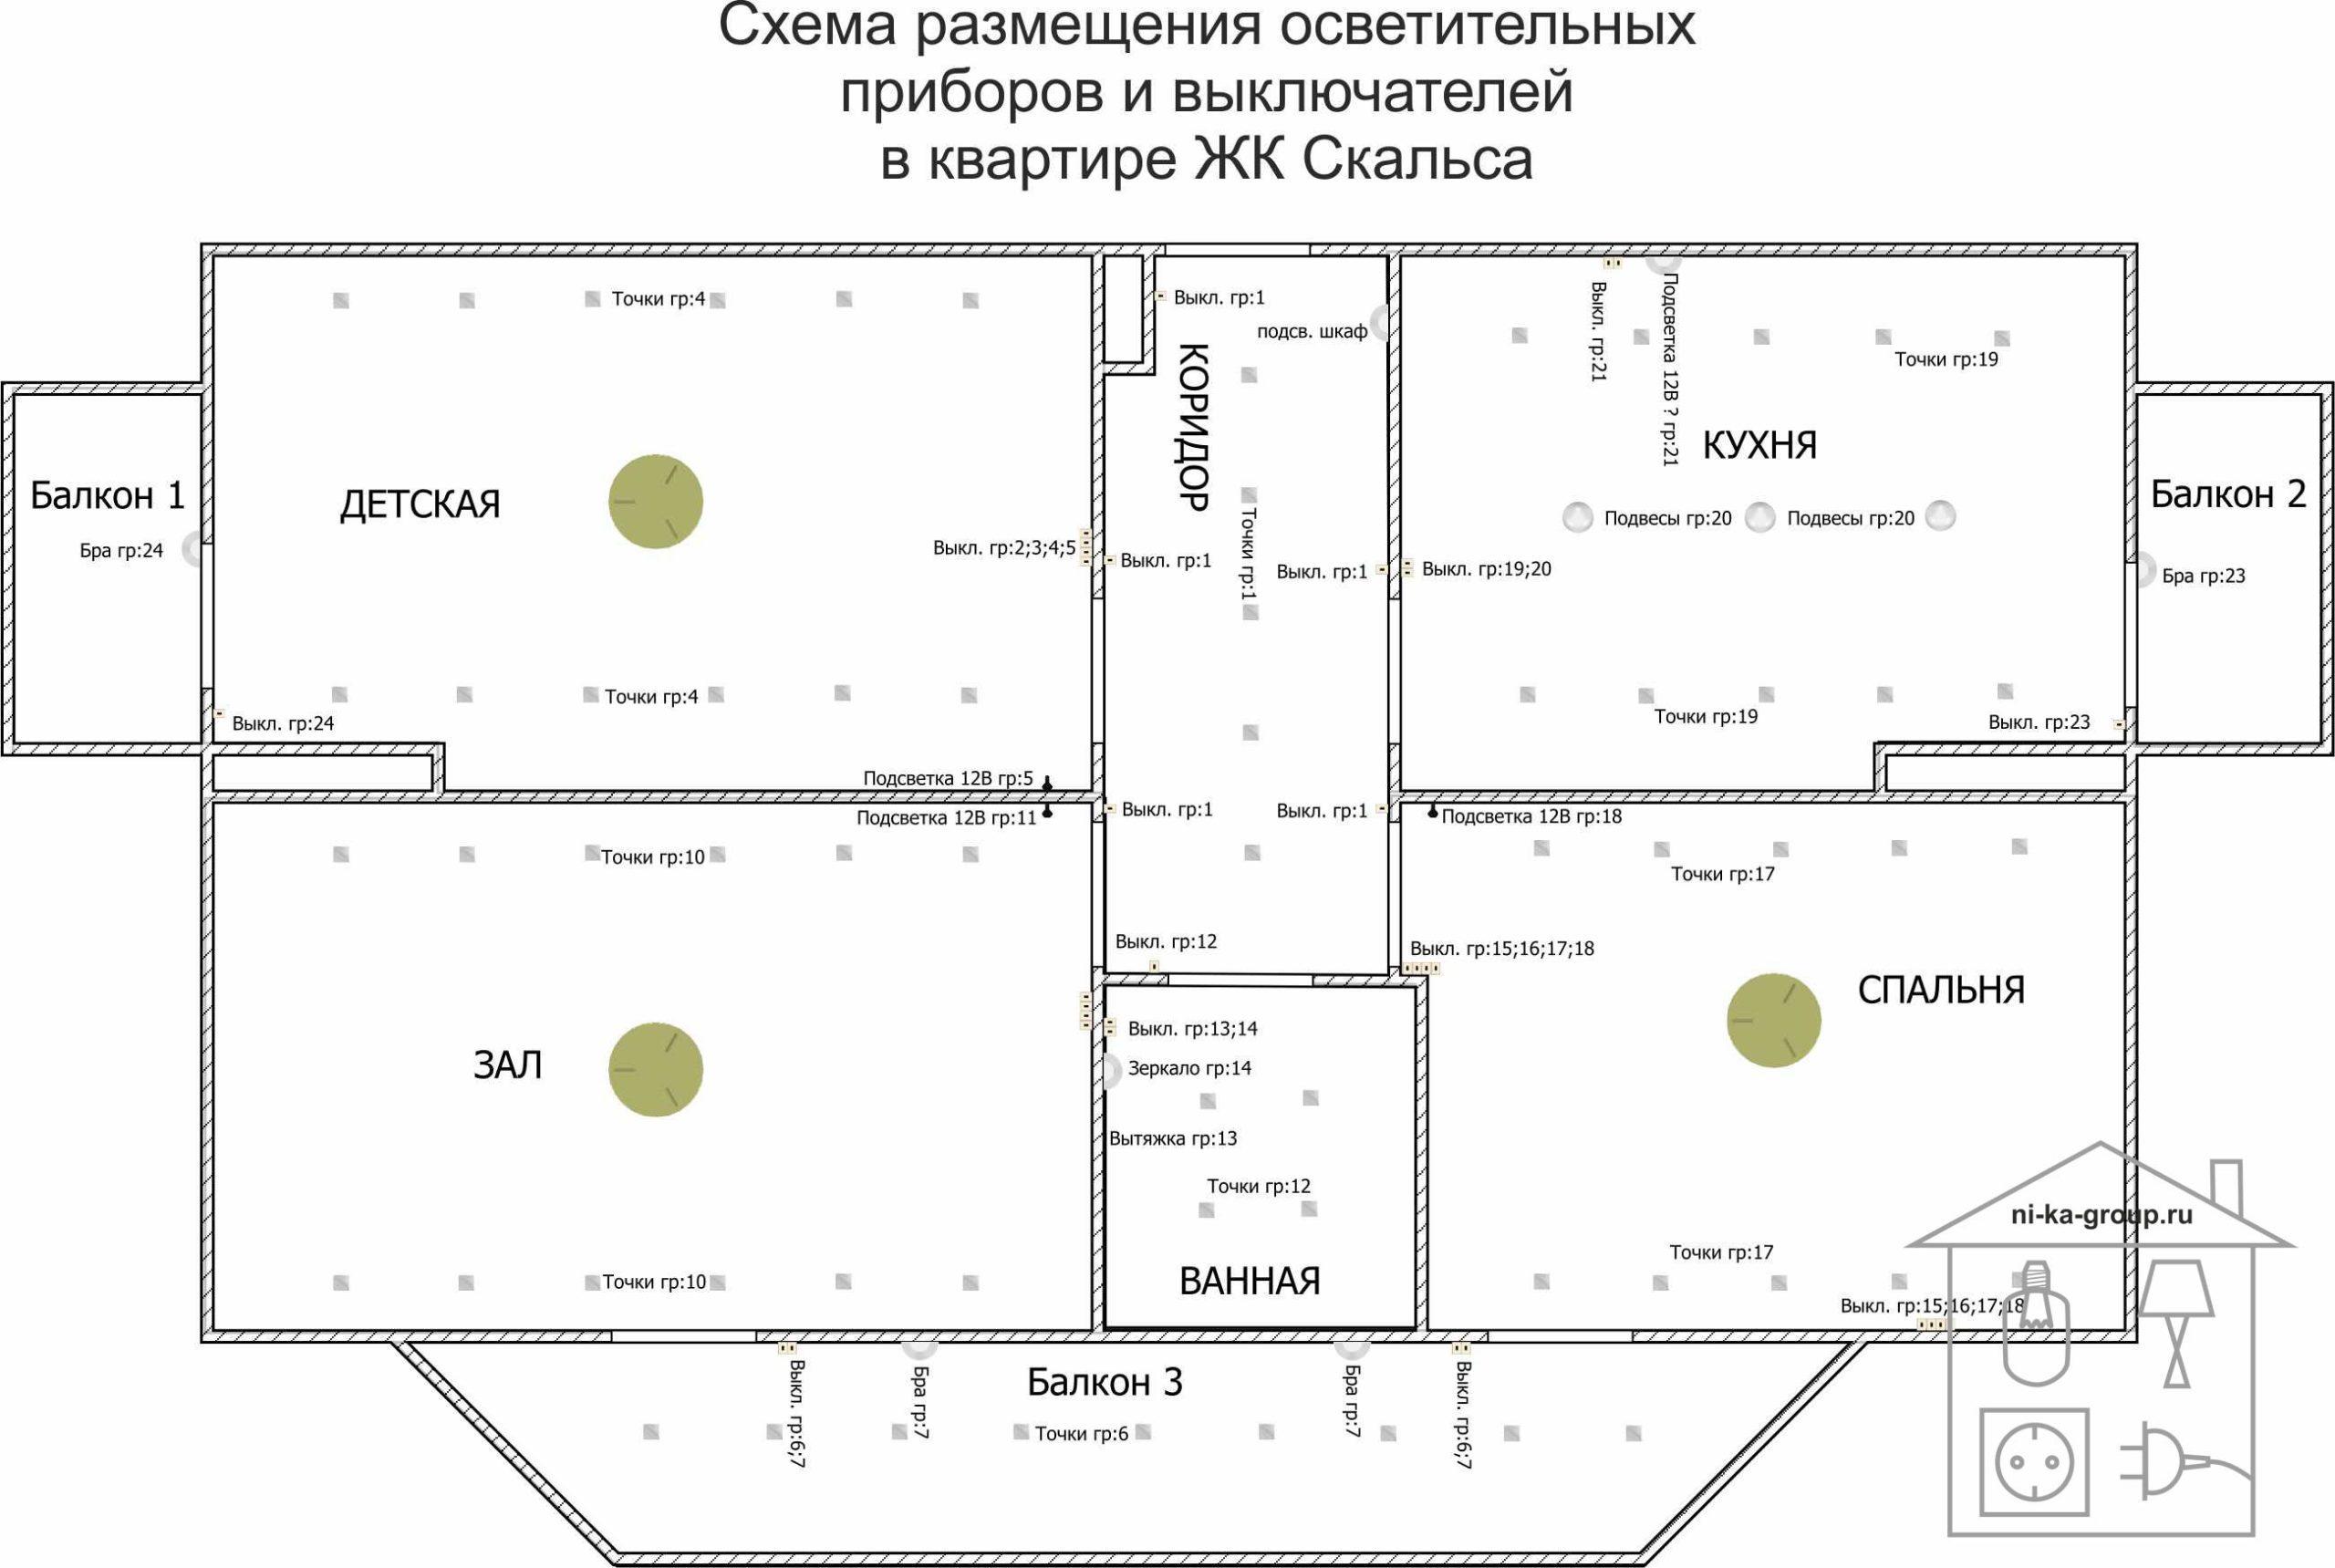 Электрическая схема в трехкомнатной квартире ЖК Скальса